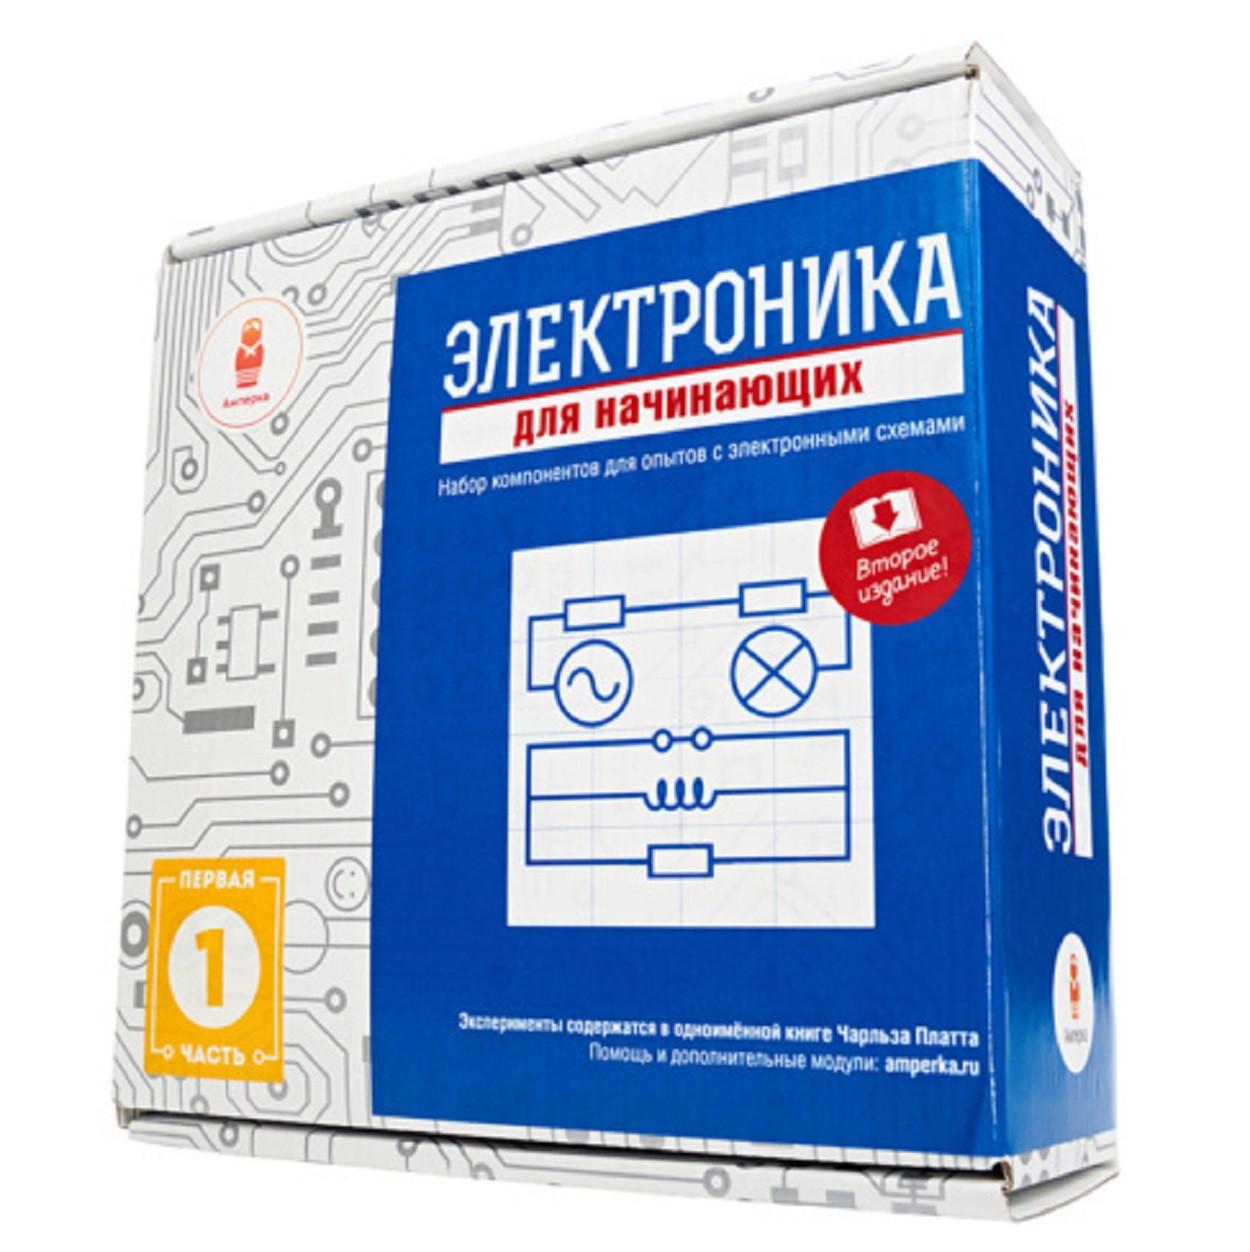 Купить Электроника для начинающих (набор компонентов, часть 1) в MotionLamps.ru